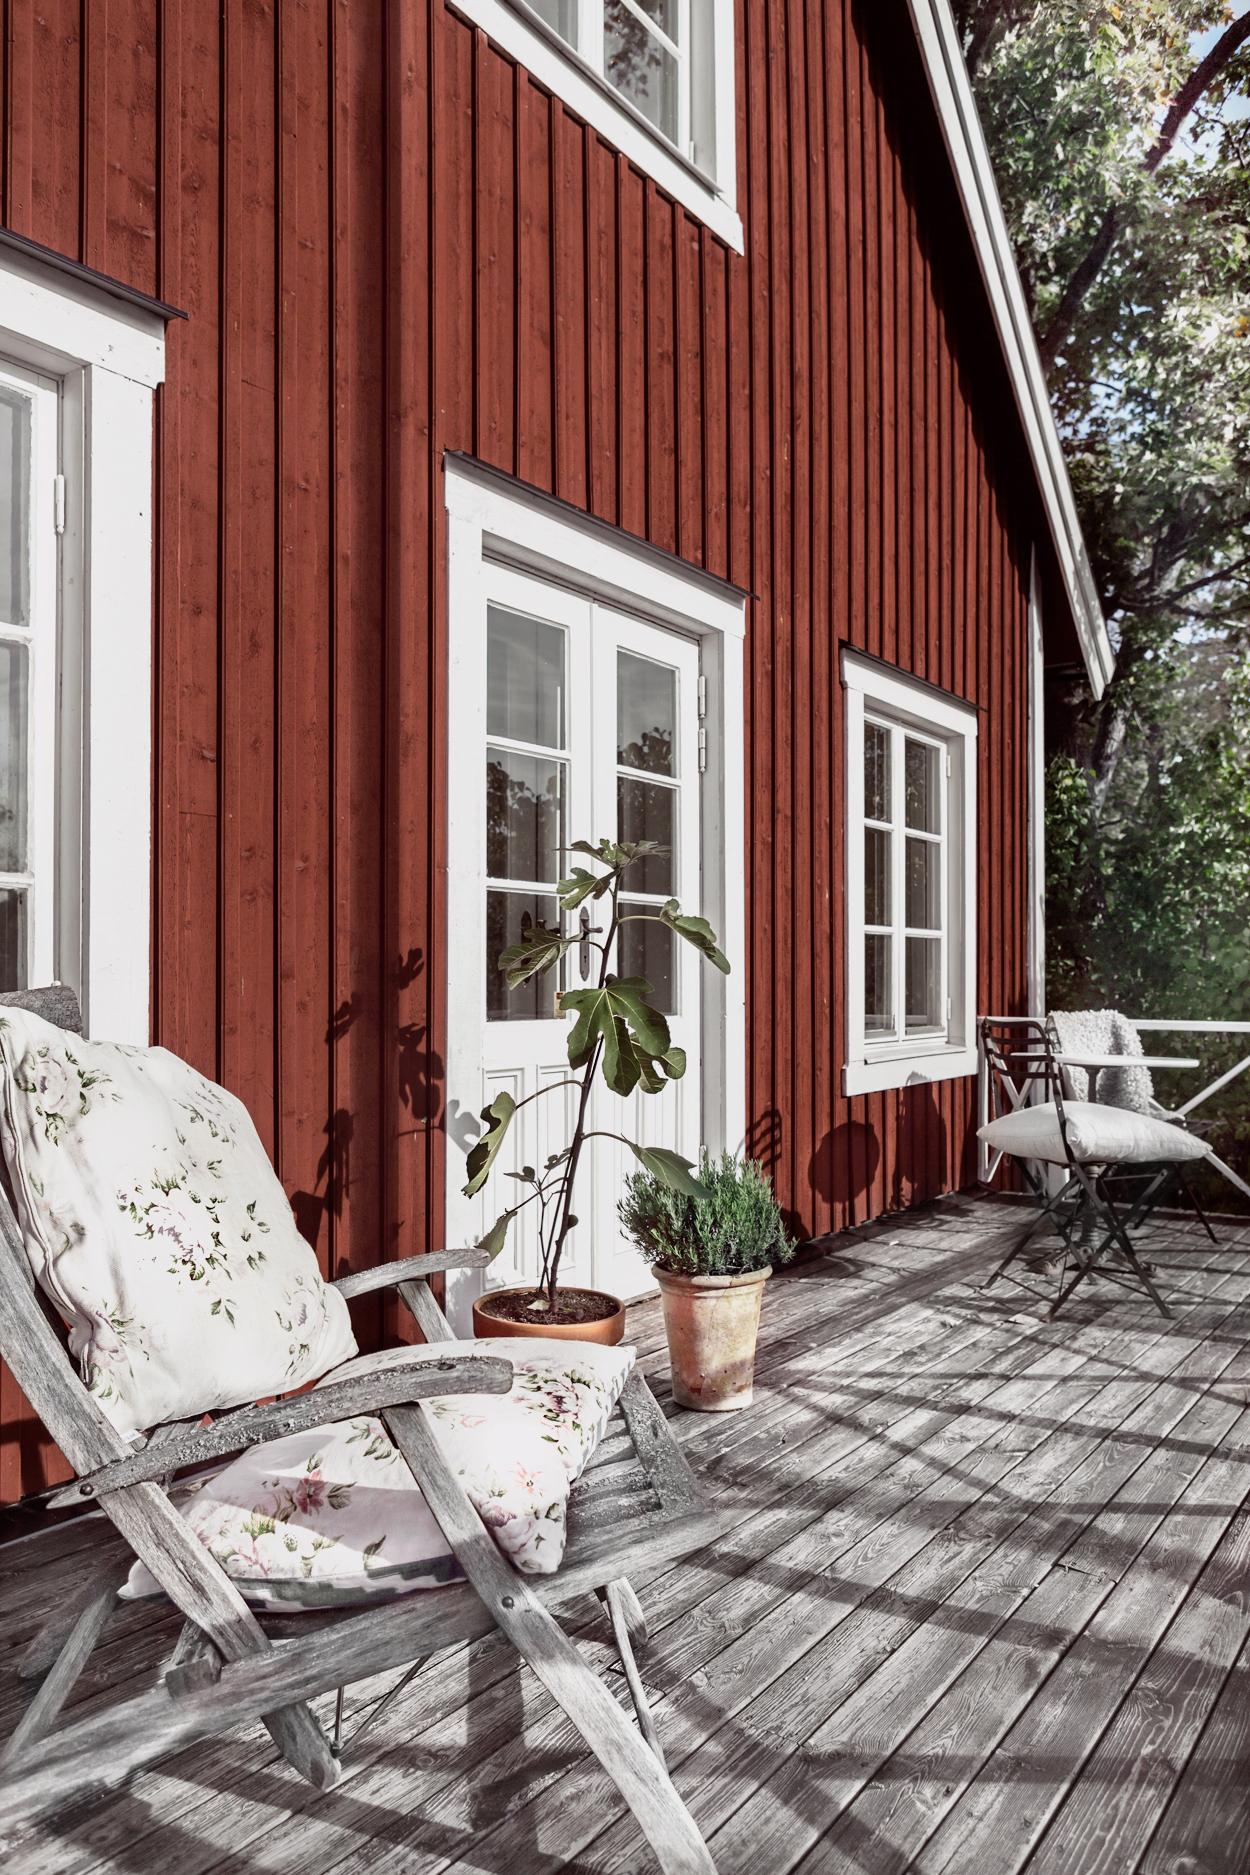 деревянный дом терраса деревянный настил уличная мебель